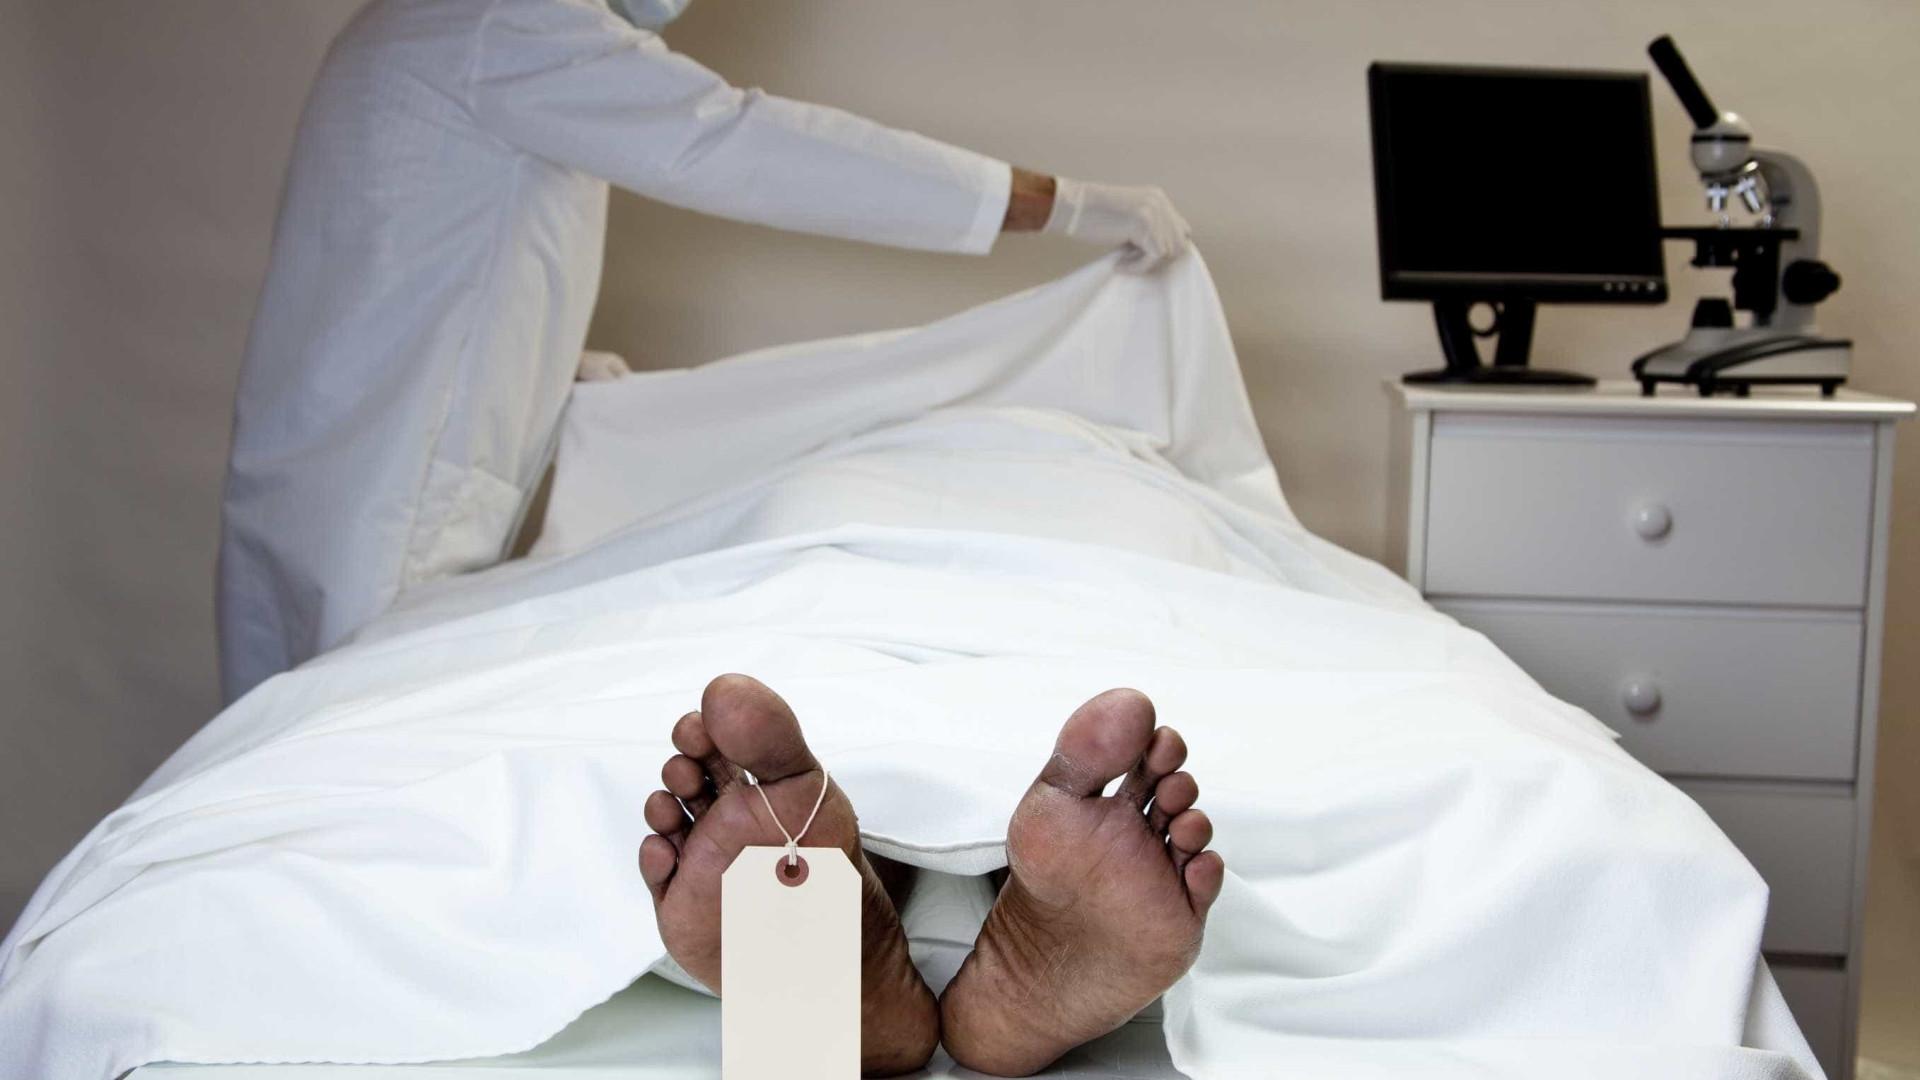 Acordou na morgue depois de ter 'morrido' numa noite de copos